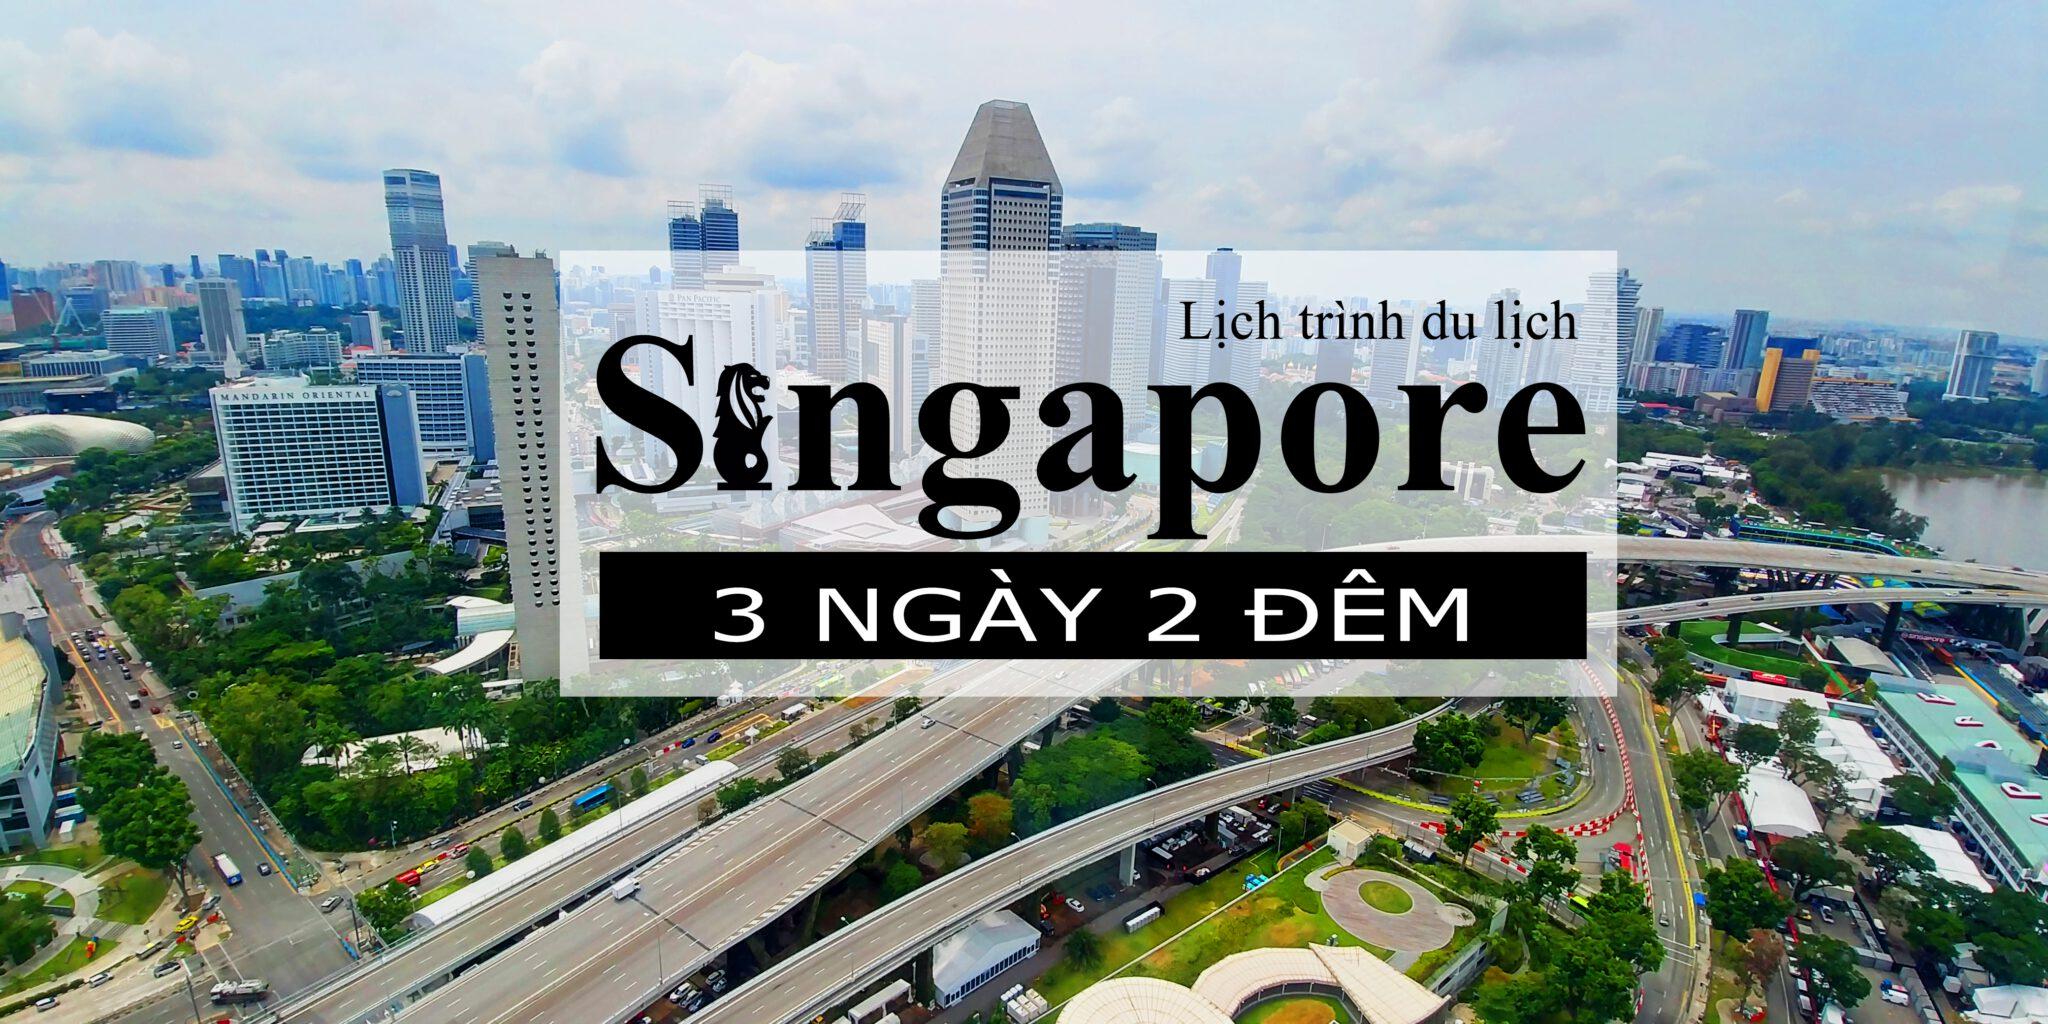 Du lịch Singapore 3N2D